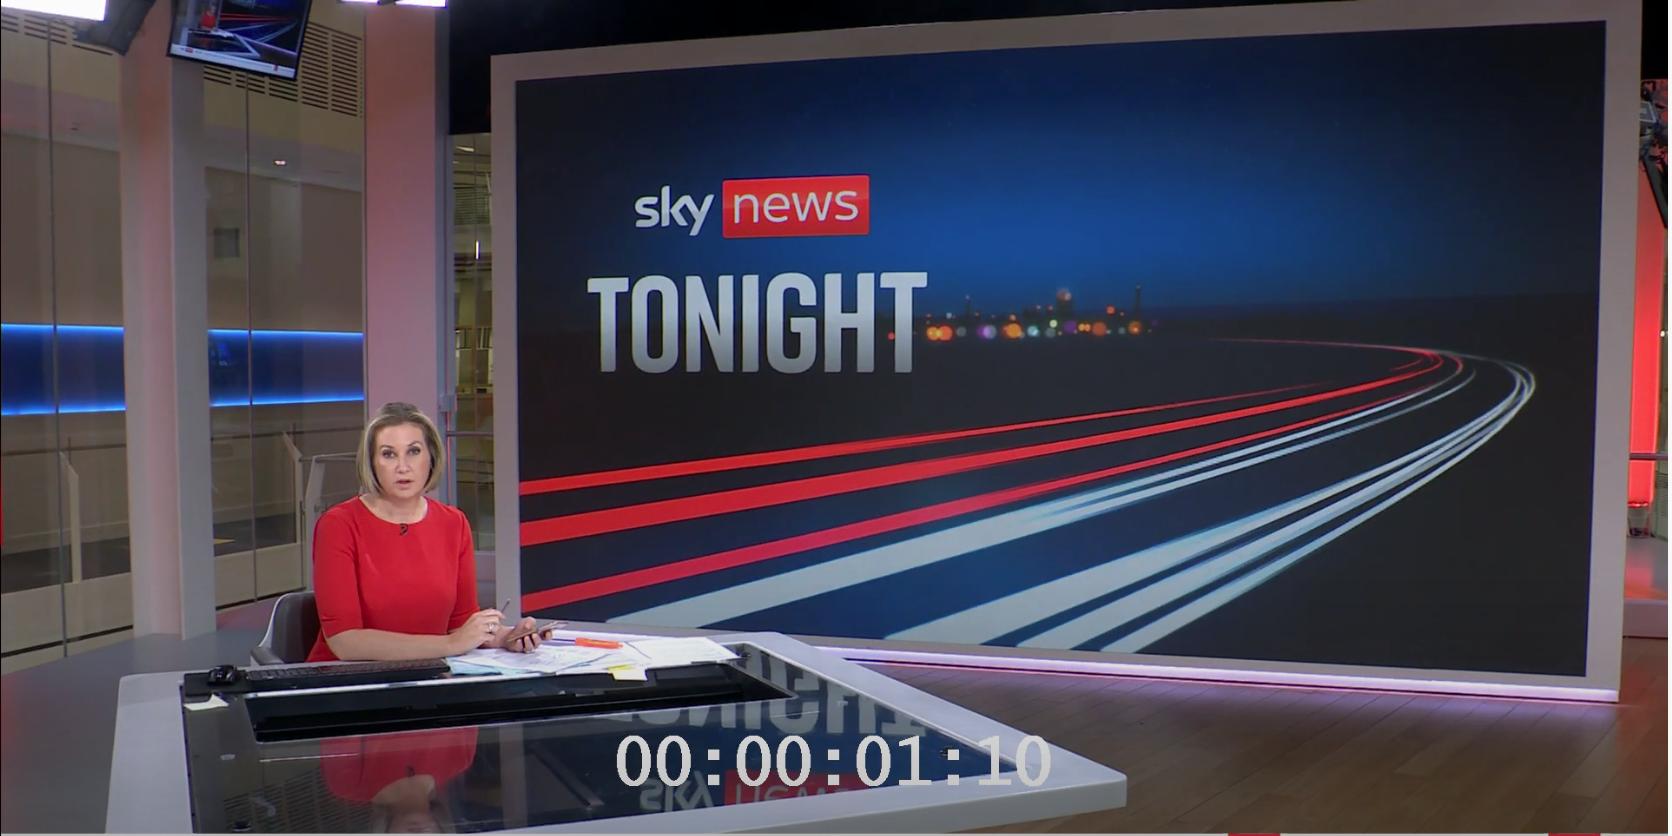 Sky News – A year on